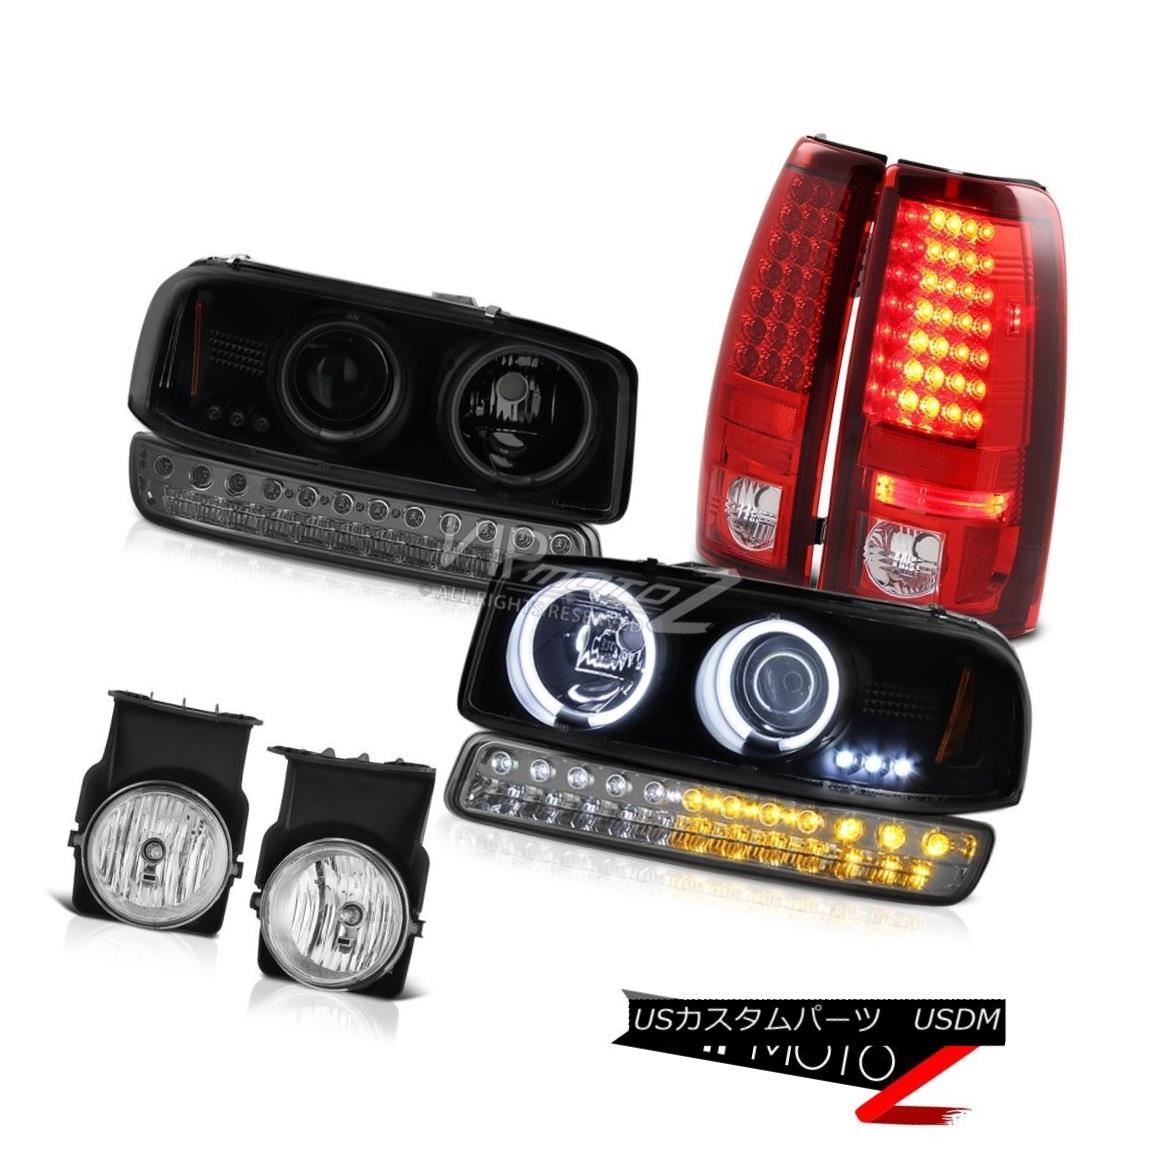 テールライト 2003-2006 Sierra 1500 Foglamps LED Taillamps Parking Light CCFL Headlights LED 2003-2006 Sierra 1500 Foglamps LEDタイルランプパーキングライトCCFLヘッドライトLED